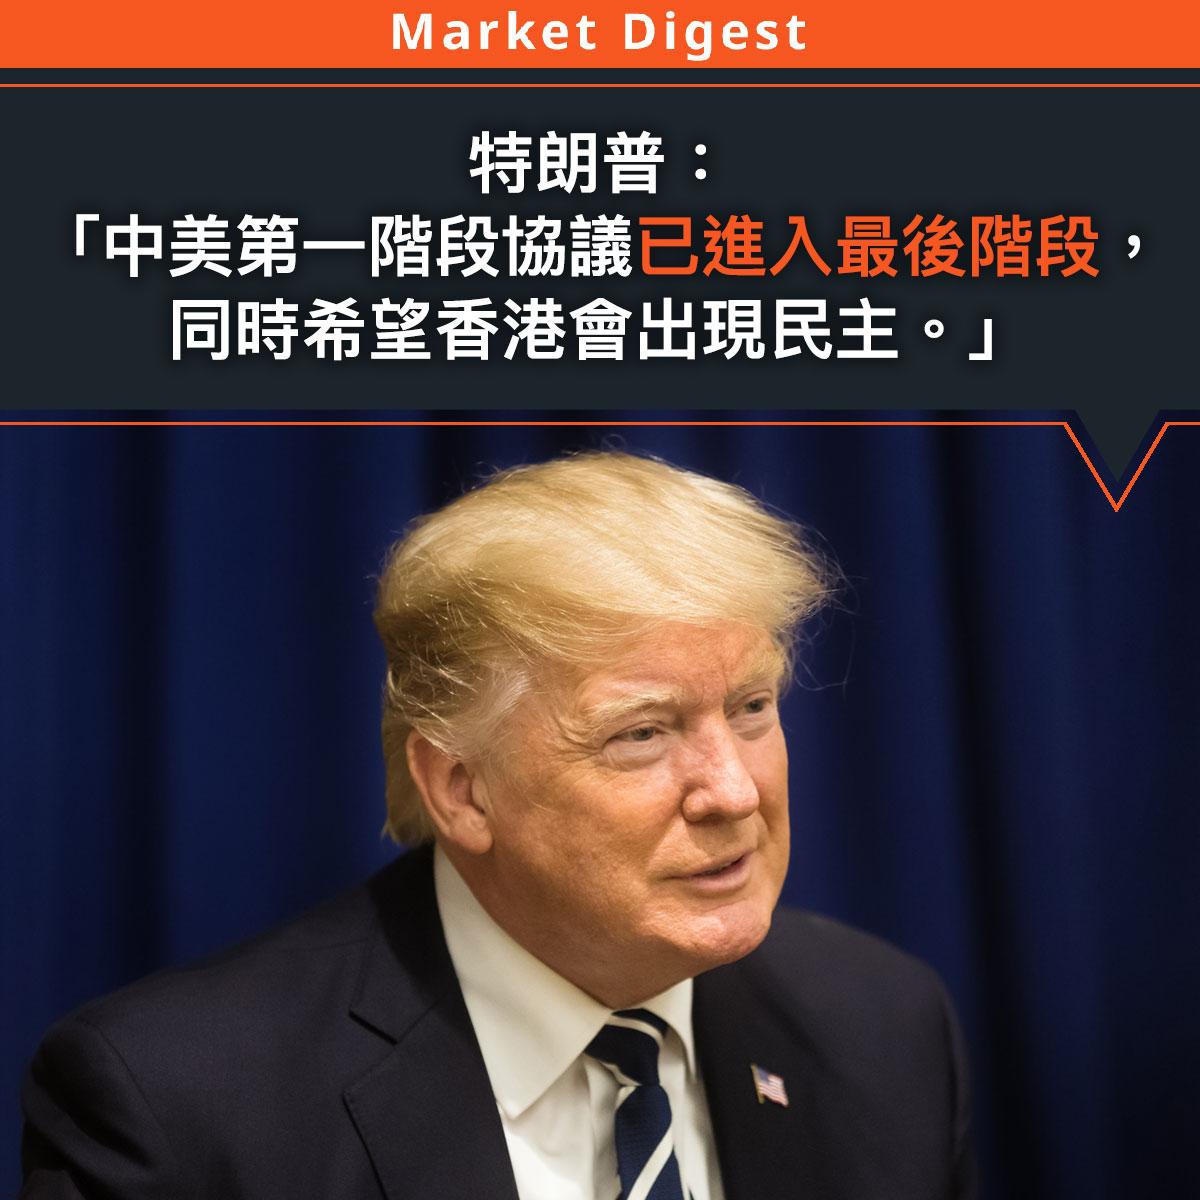 特朗普:「中美第一階段協議已進入最後階段, 同時希望香港會出現民主。」